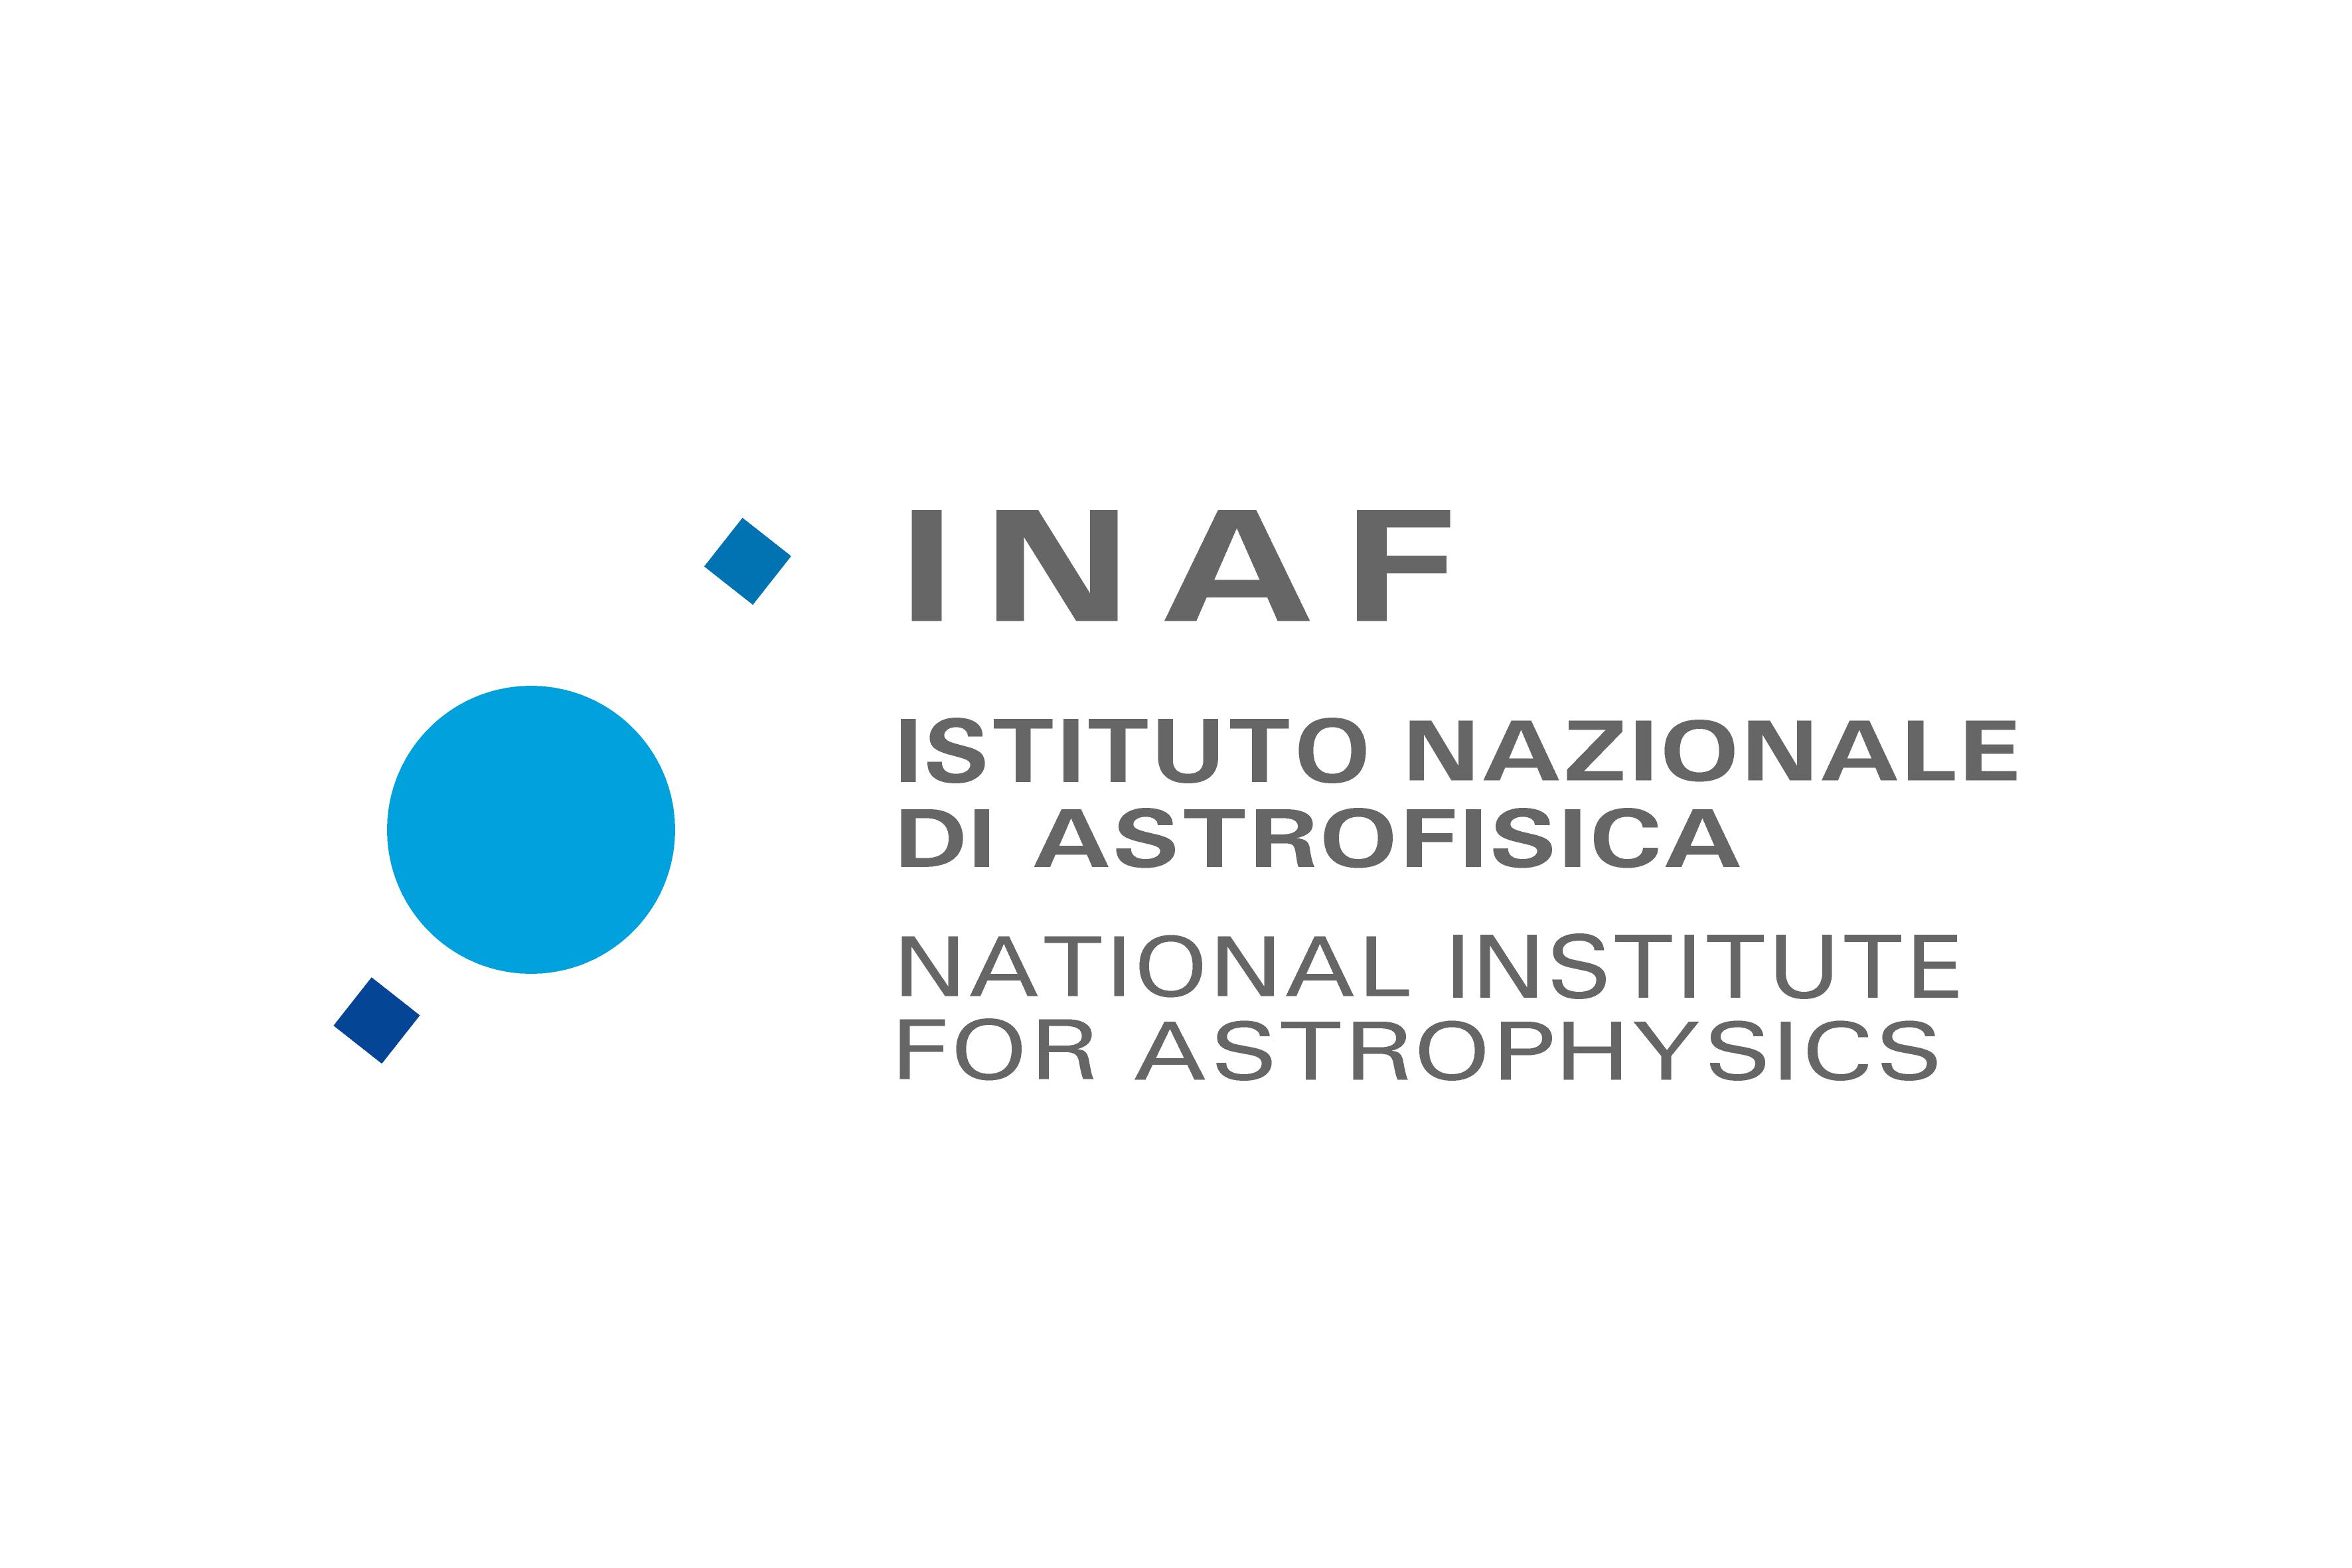 """Nomina di una commissione di esperti per la valutazione dell'impatto delle costellazioni di """"nano-satelliti"""" per telecomunicazioni"""